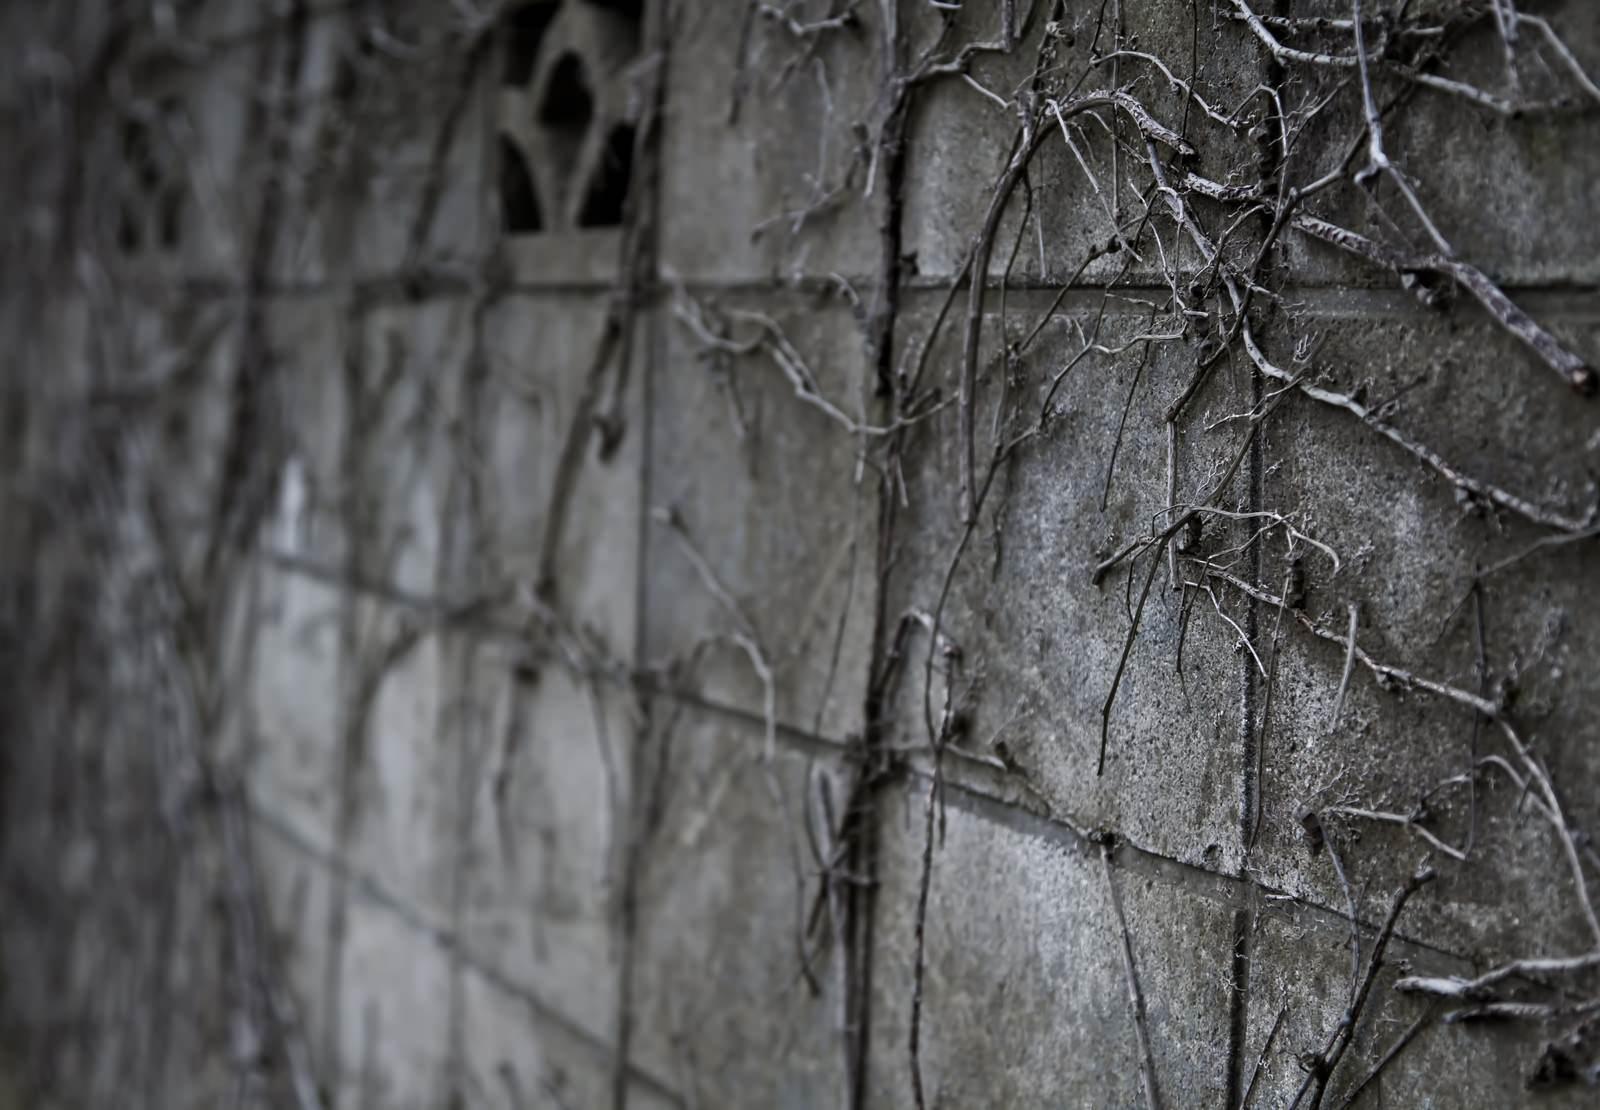 「ツタが這うブロック塀」の写真